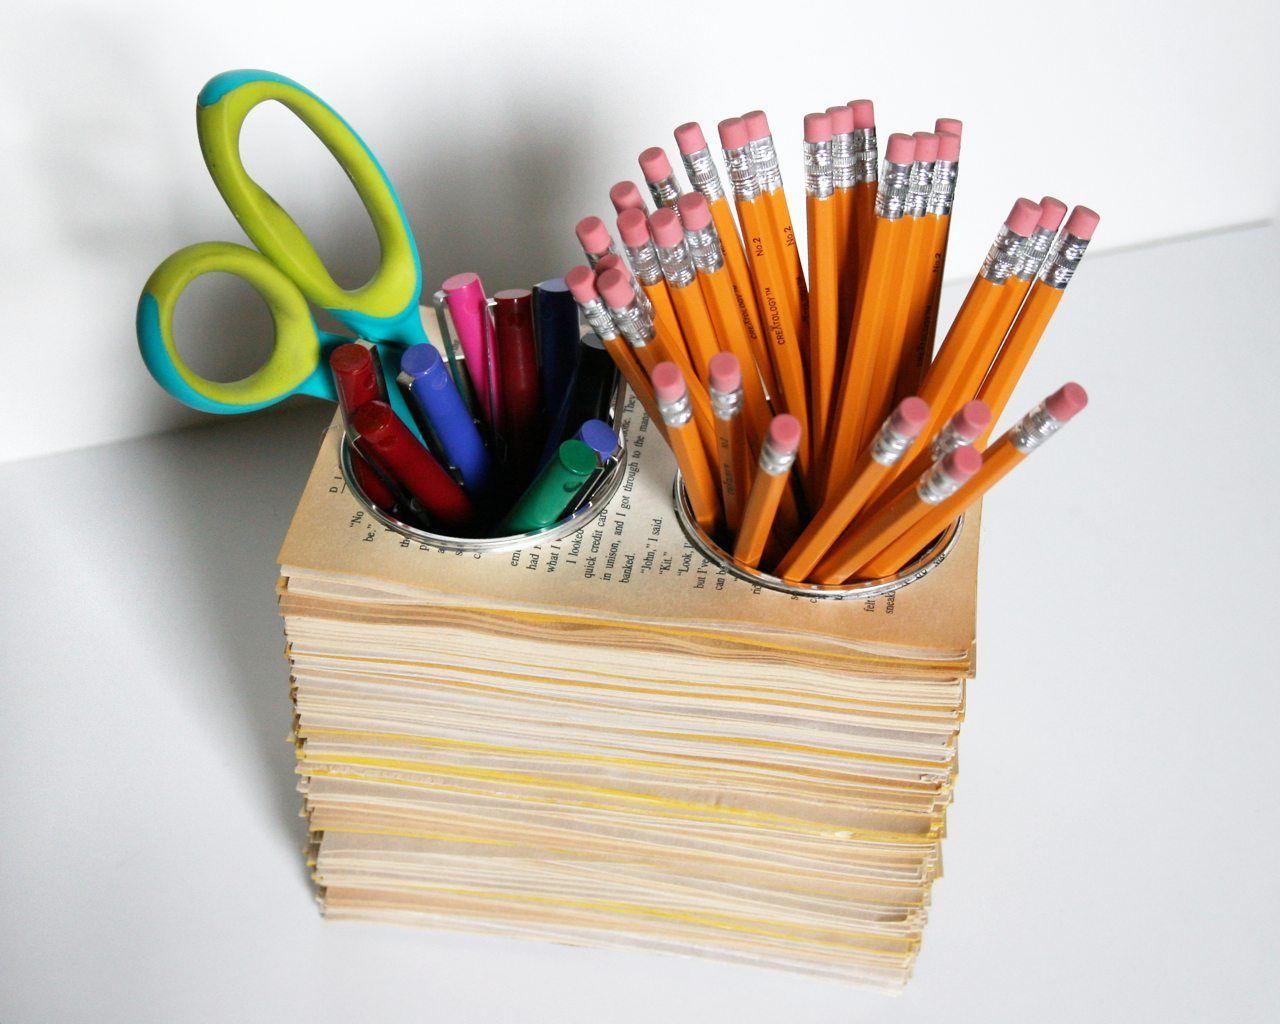 Tempat Pensil dari Barang Bekas